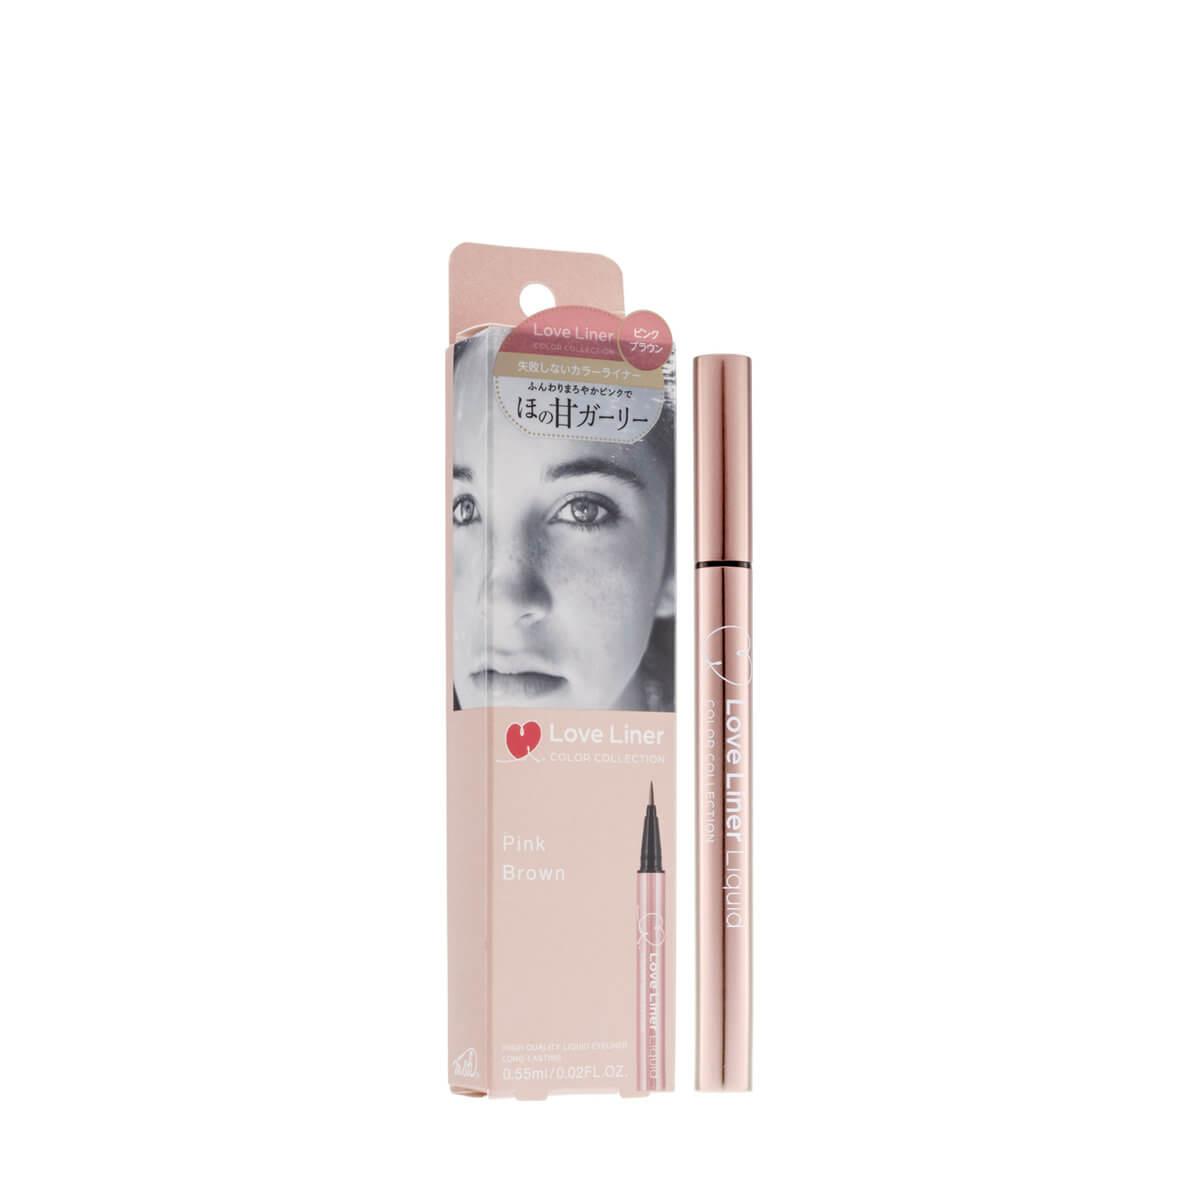 Love Liner 防水極細眼線液 HK$ 強效抗汗、皮脂,卻可用温水乾淨卸除。眼線液中添加了美容保養成分,温和不刺激,而且不會有惱人的色素沉澱問題。